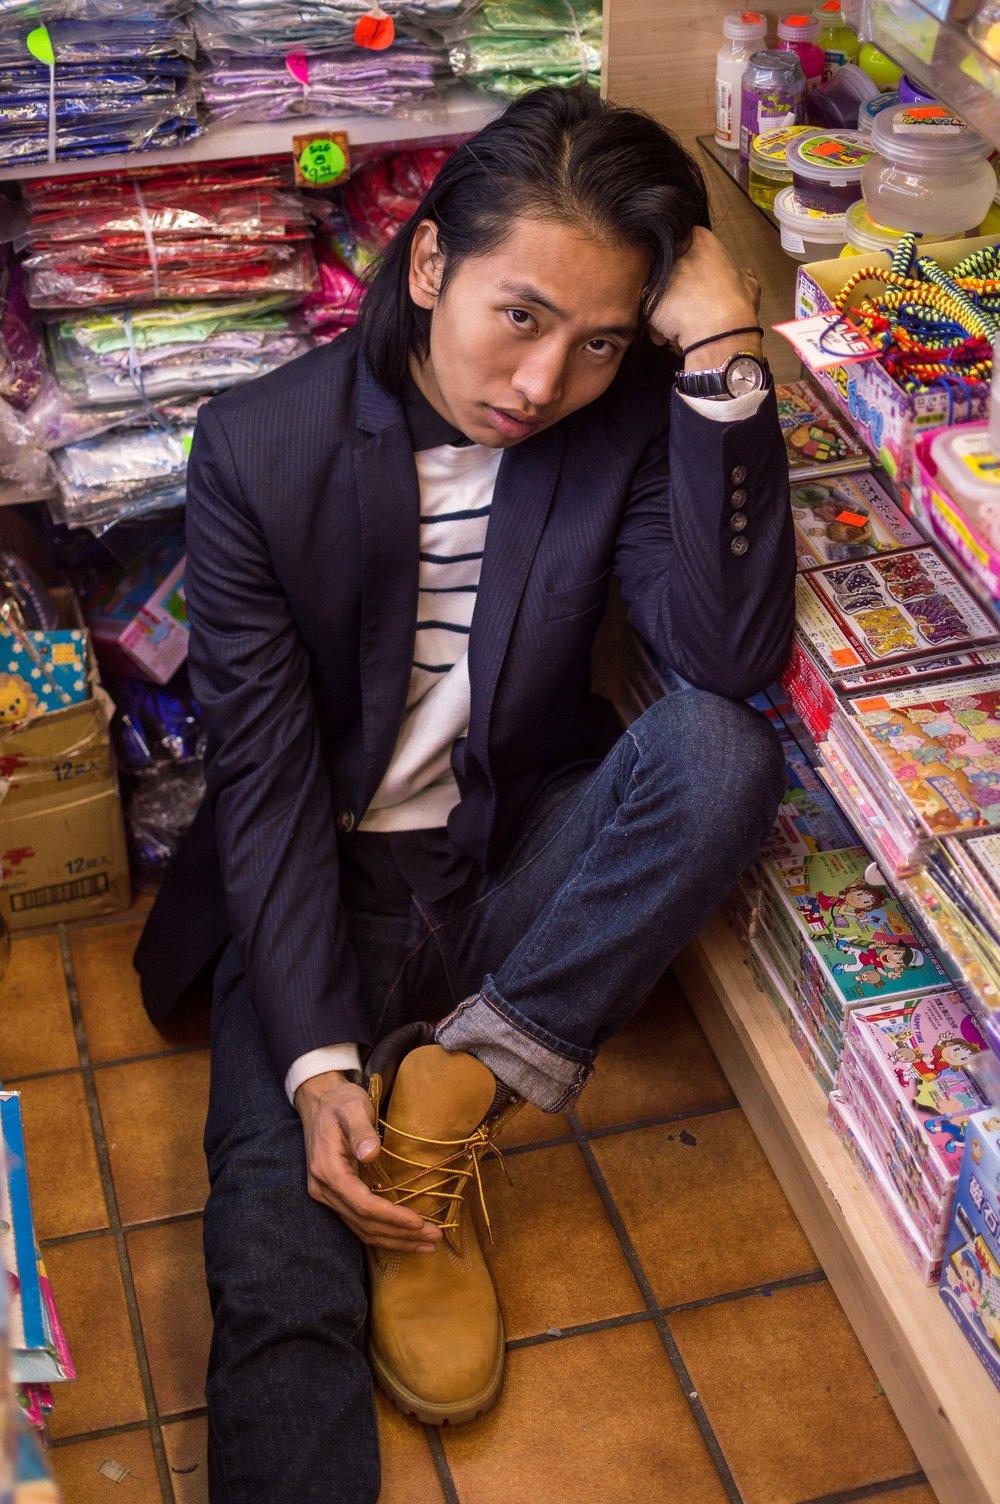 2019 01.05 YunJ Chinatown (26 of 48).jpg